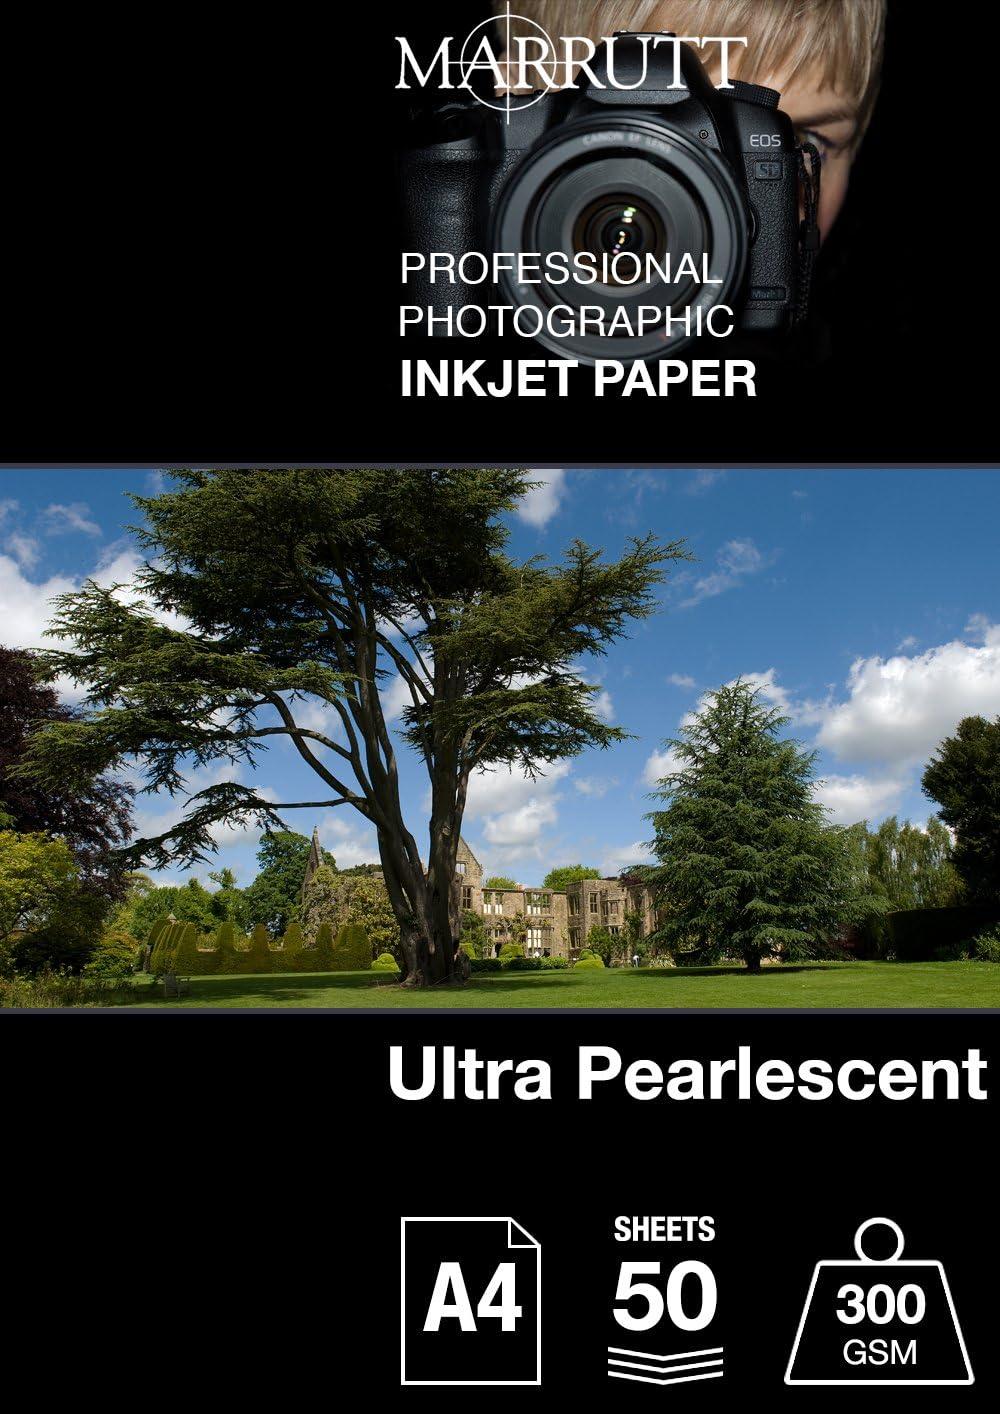 Marrutt 300 gsm Ultra Pearlescent Hi-White - A4, 50 hojas: Amazon.es: Oficina y papelería